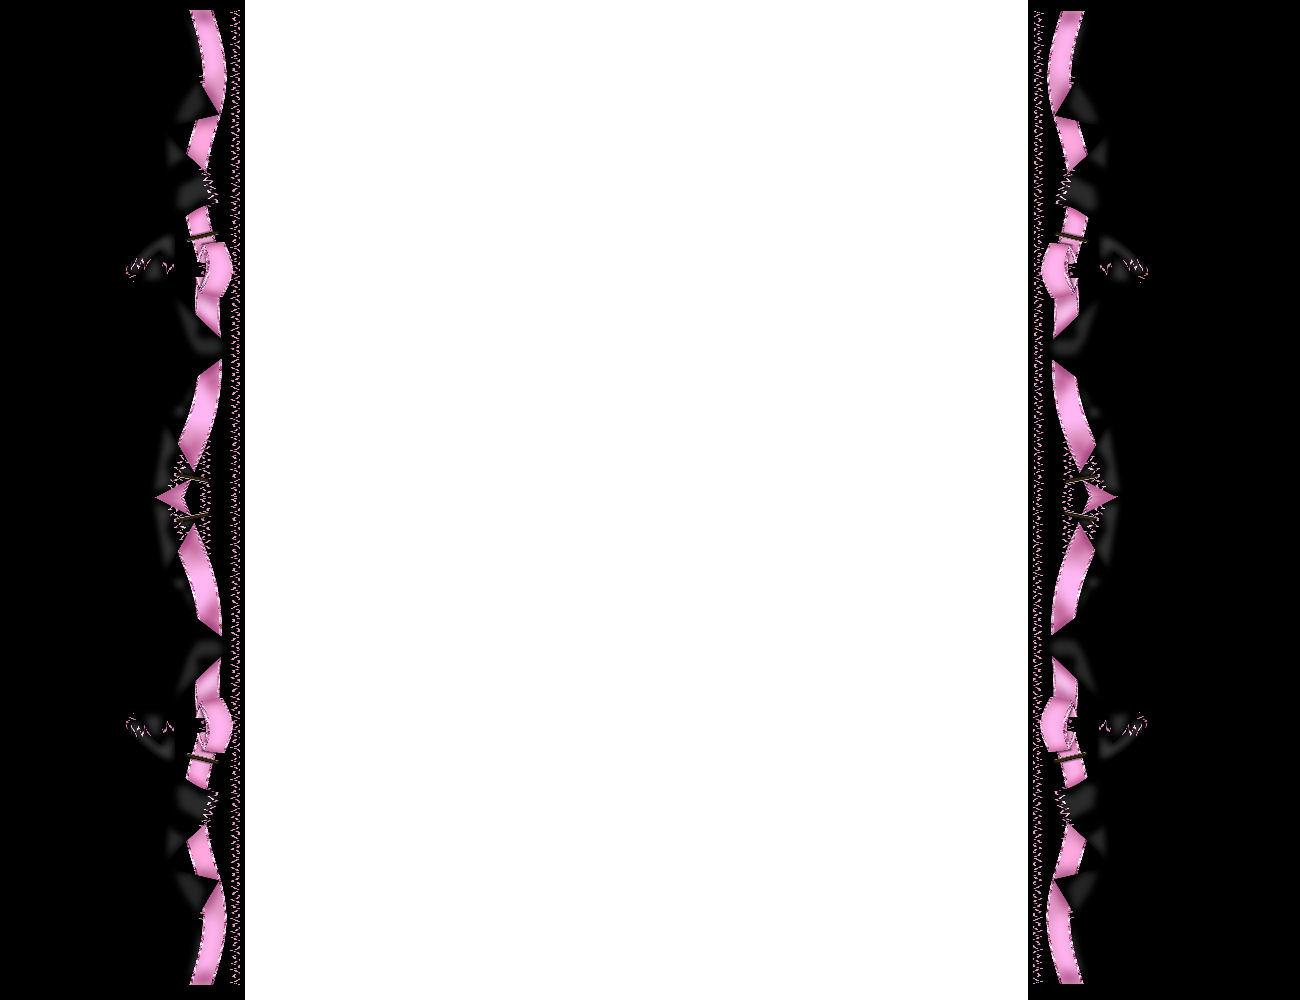 Light Pink And Black Wallpaper  27 Desktop Background